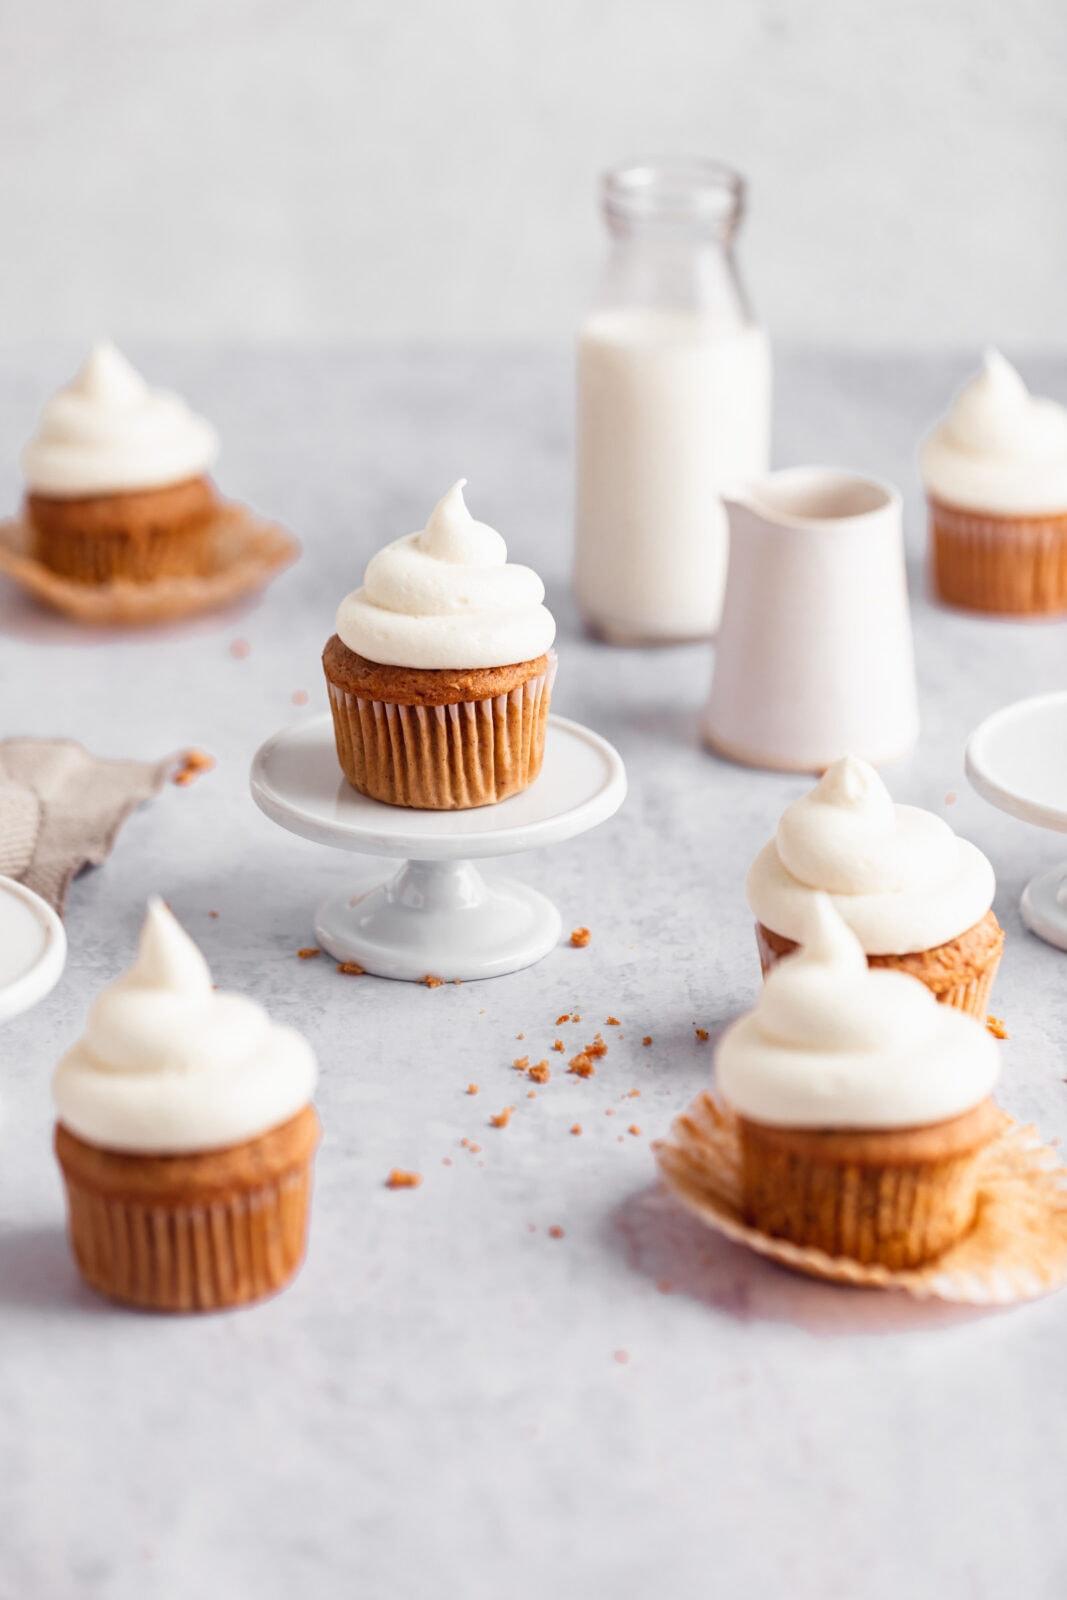 sárgarépa torta cupcakes tejszínes cukormáz a torta állványon